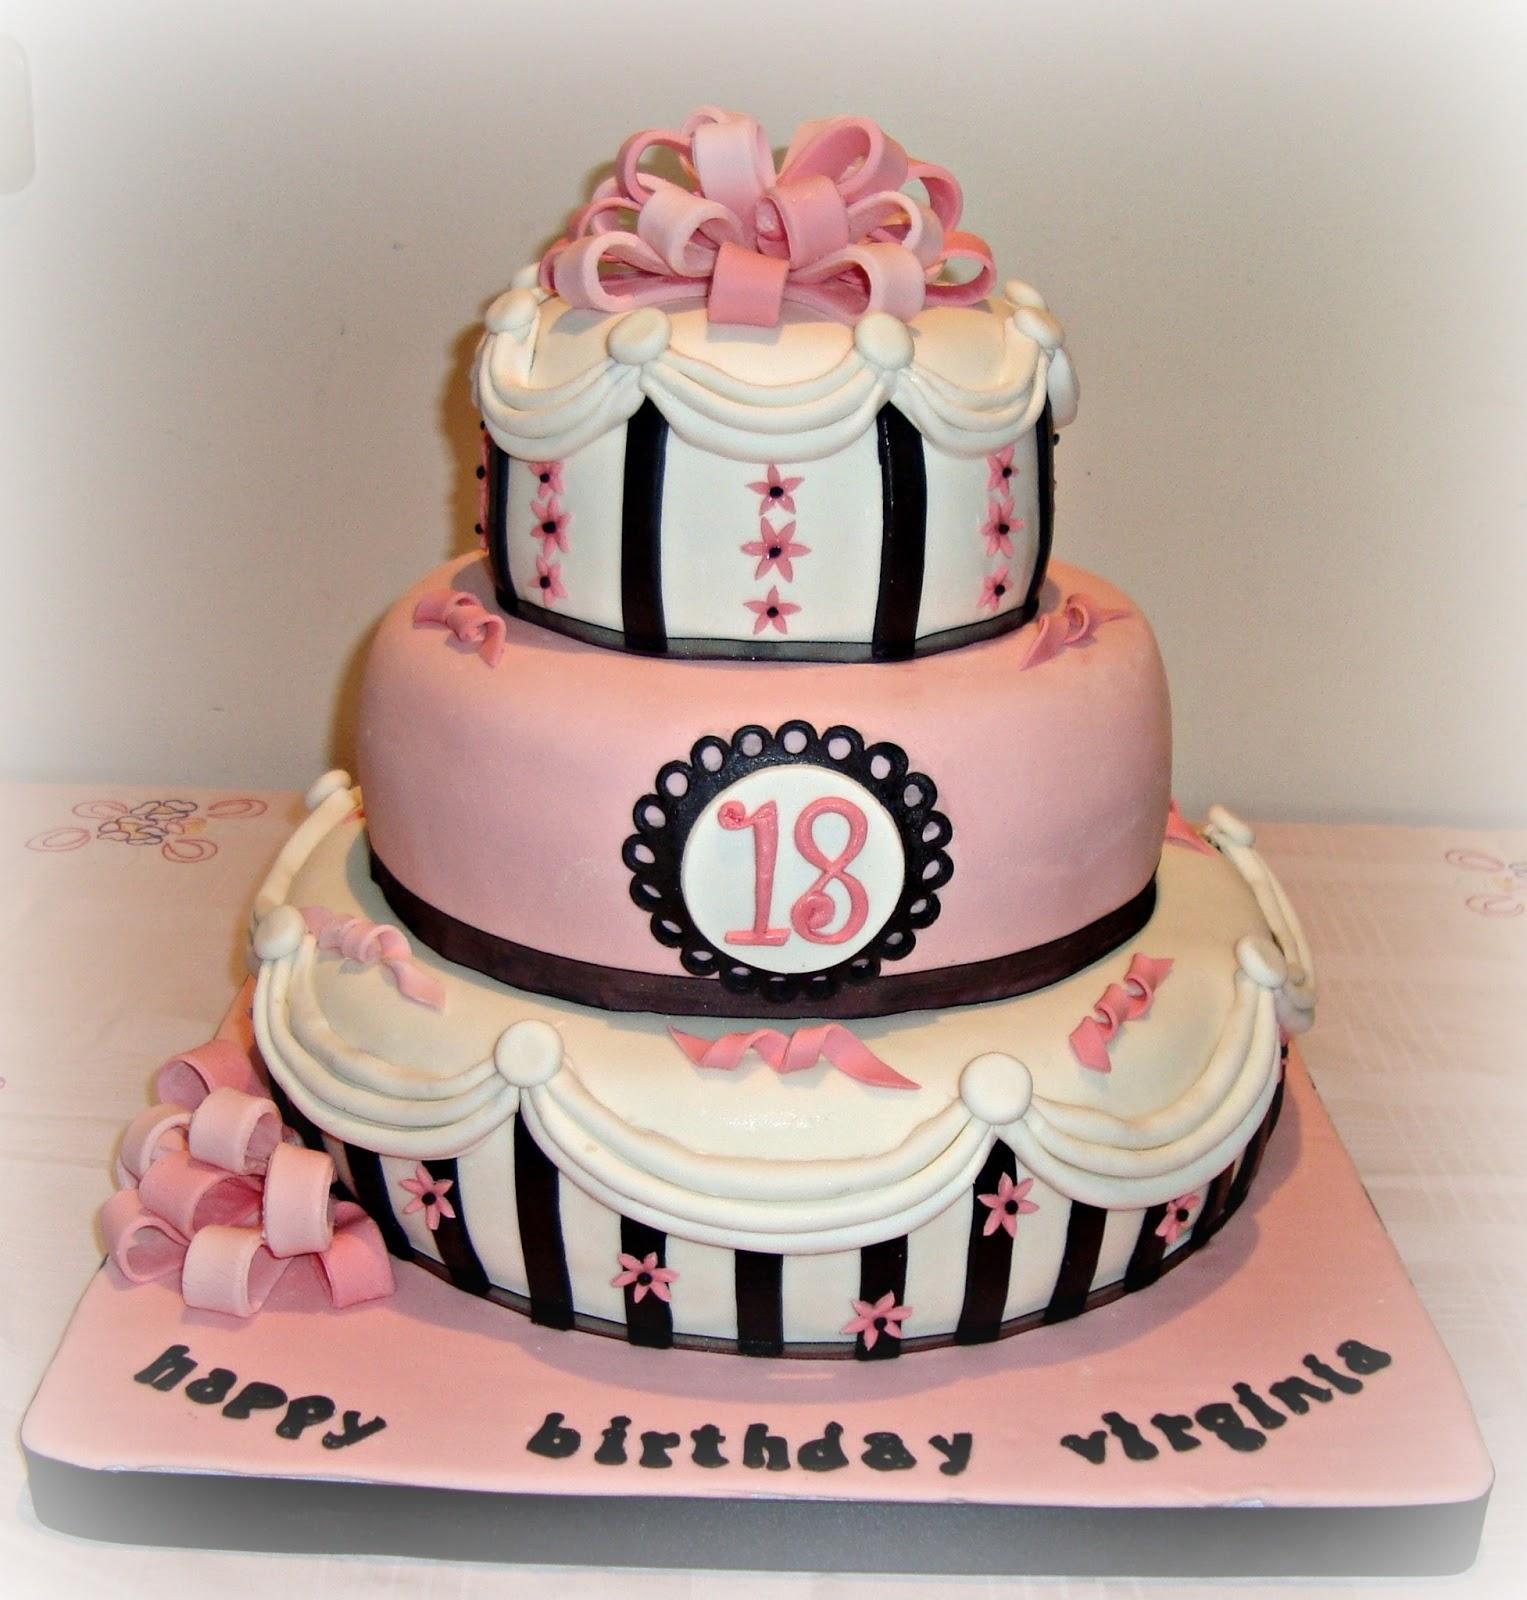 Le torte decorate torta 18 anni coccarda for Torte per 18 anni maschile